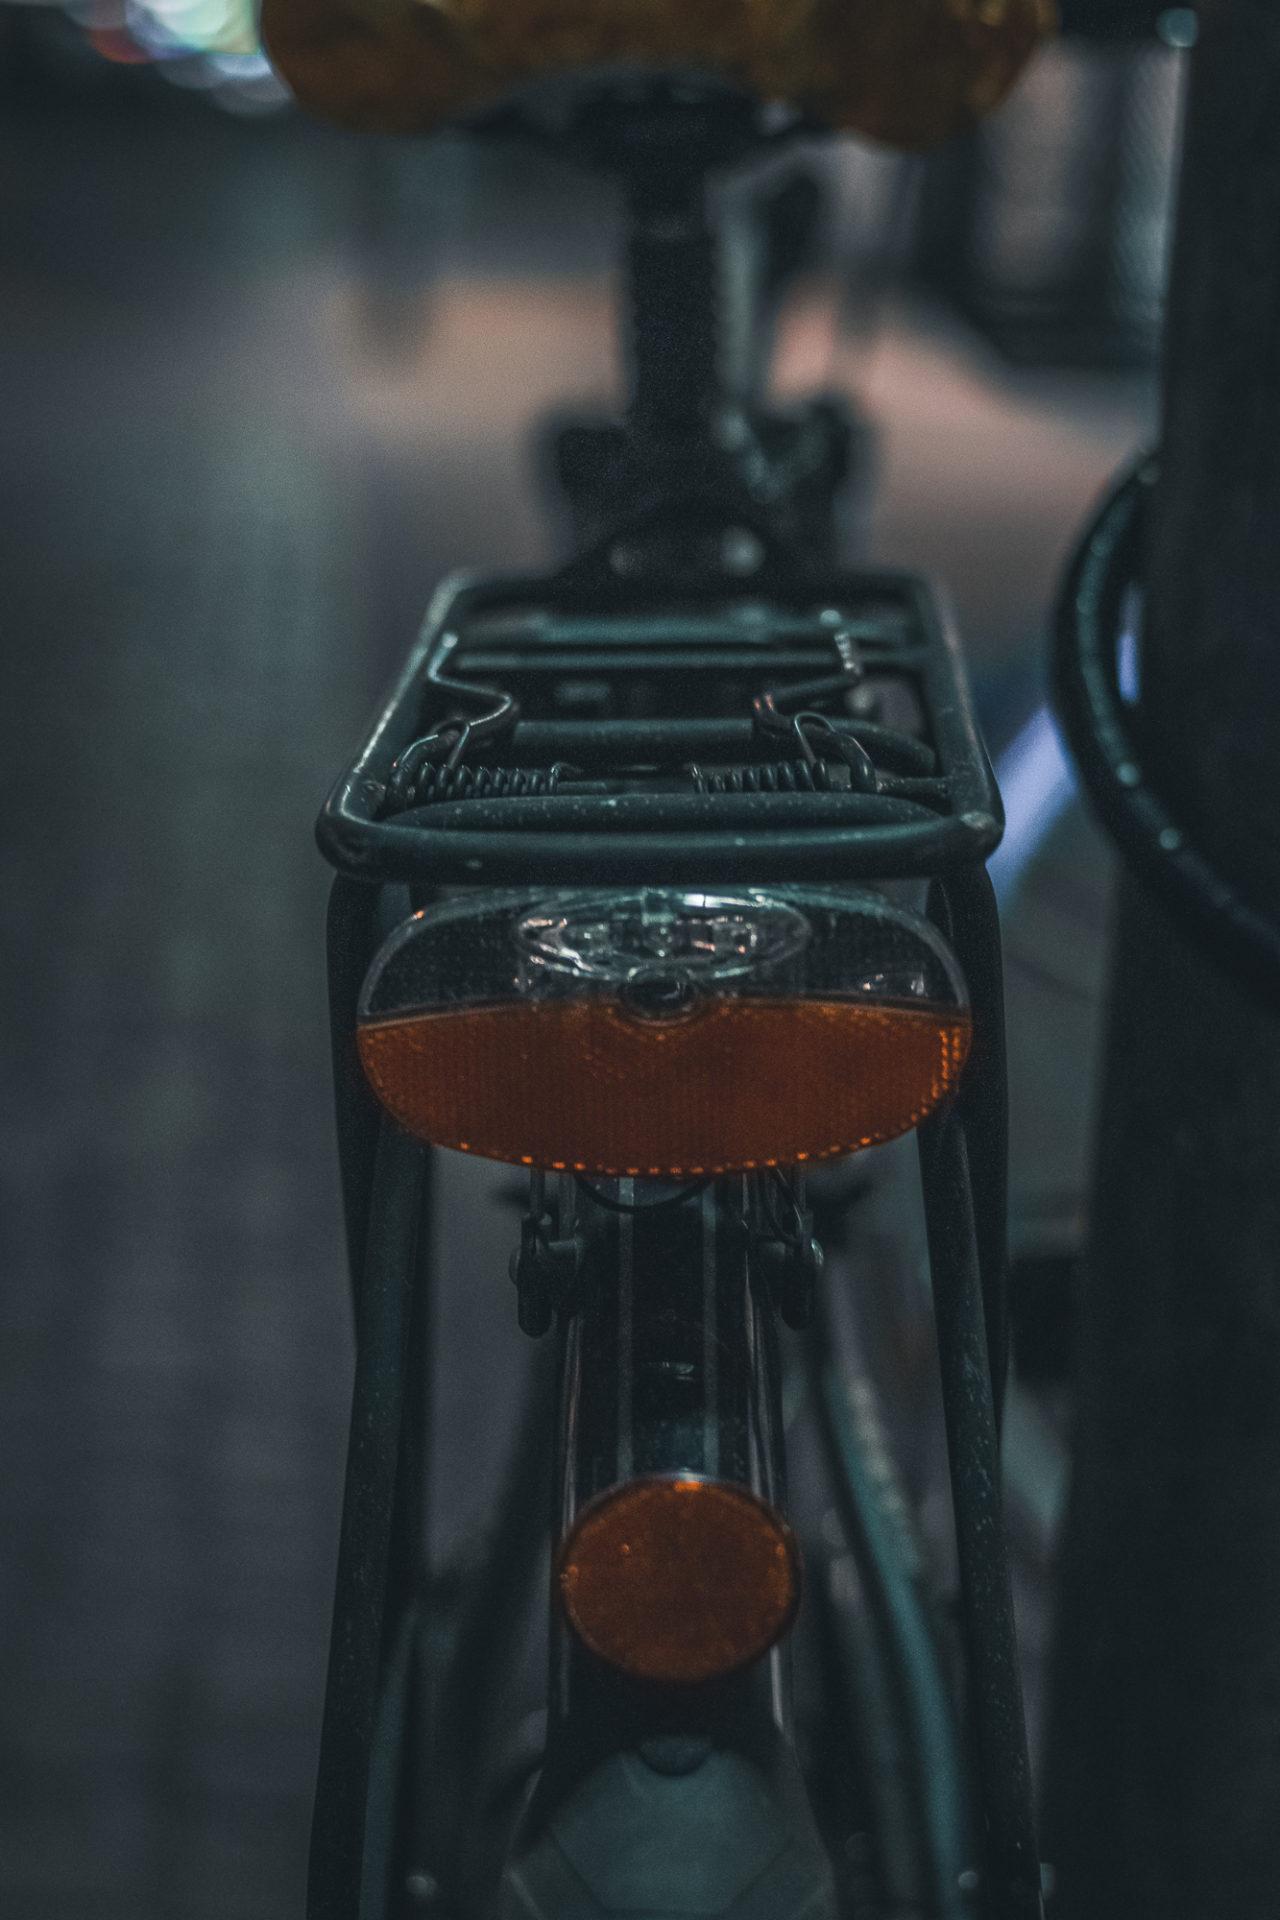 Dunkle Aufnahme von einem Gepäckträger eines Fahrrads mit Rücklichtern und Rückstrahler